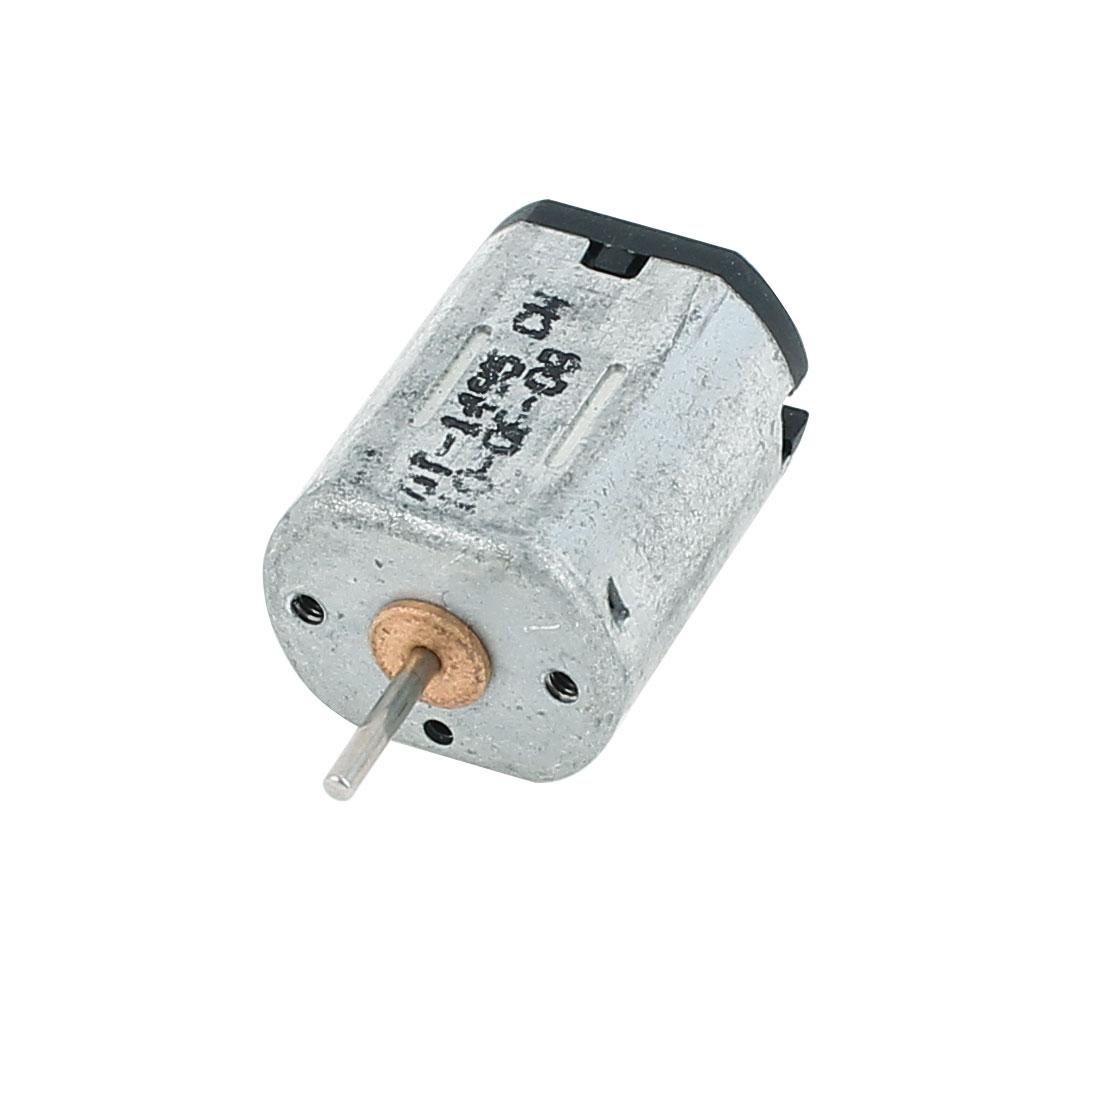 12000R/Min DC 3V 2P High Torque Mini Micro Vibrate Vibration Motor